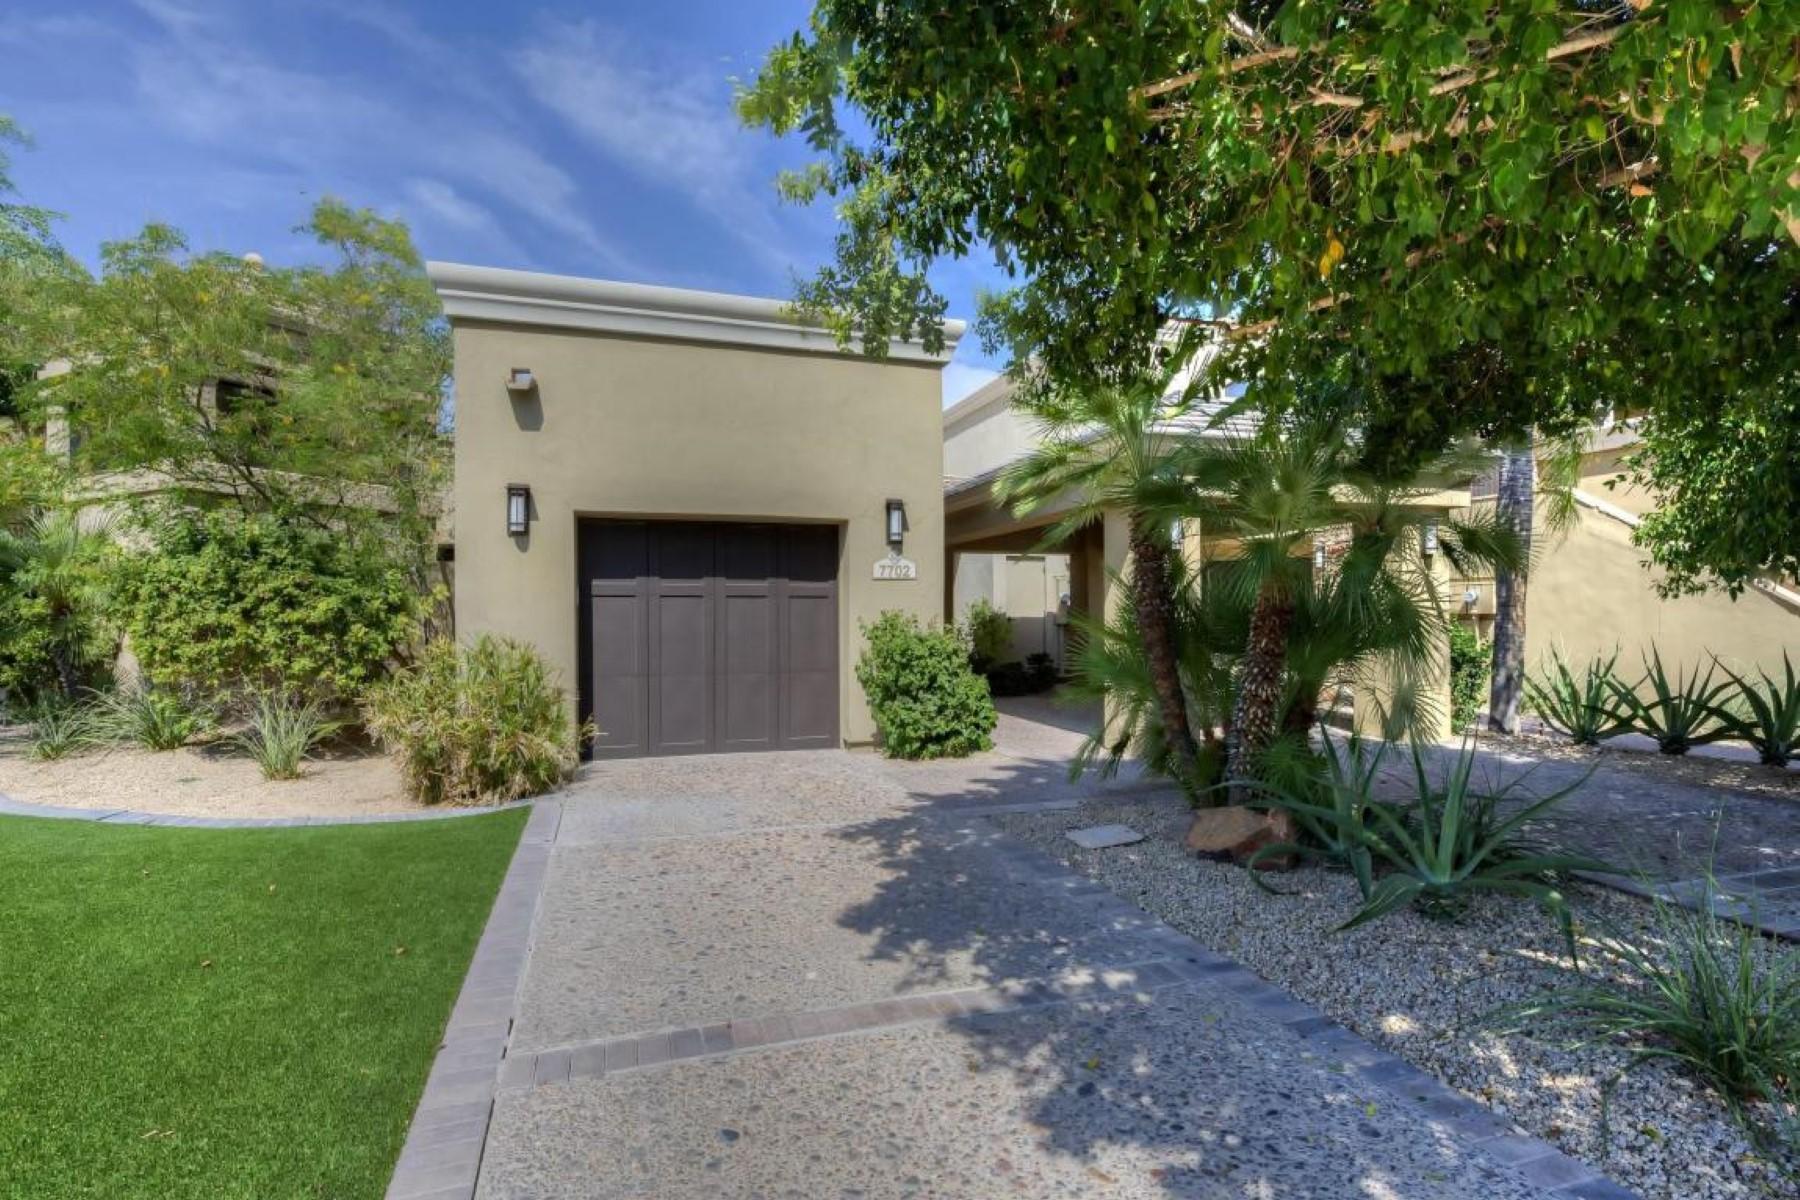 Maison unifamiliale pour l Vente à Luxury lavish Phoenician Residence Club 4515 N Phoenican Pl #7707 Phoenix, Arizona, 85018 États-Unis